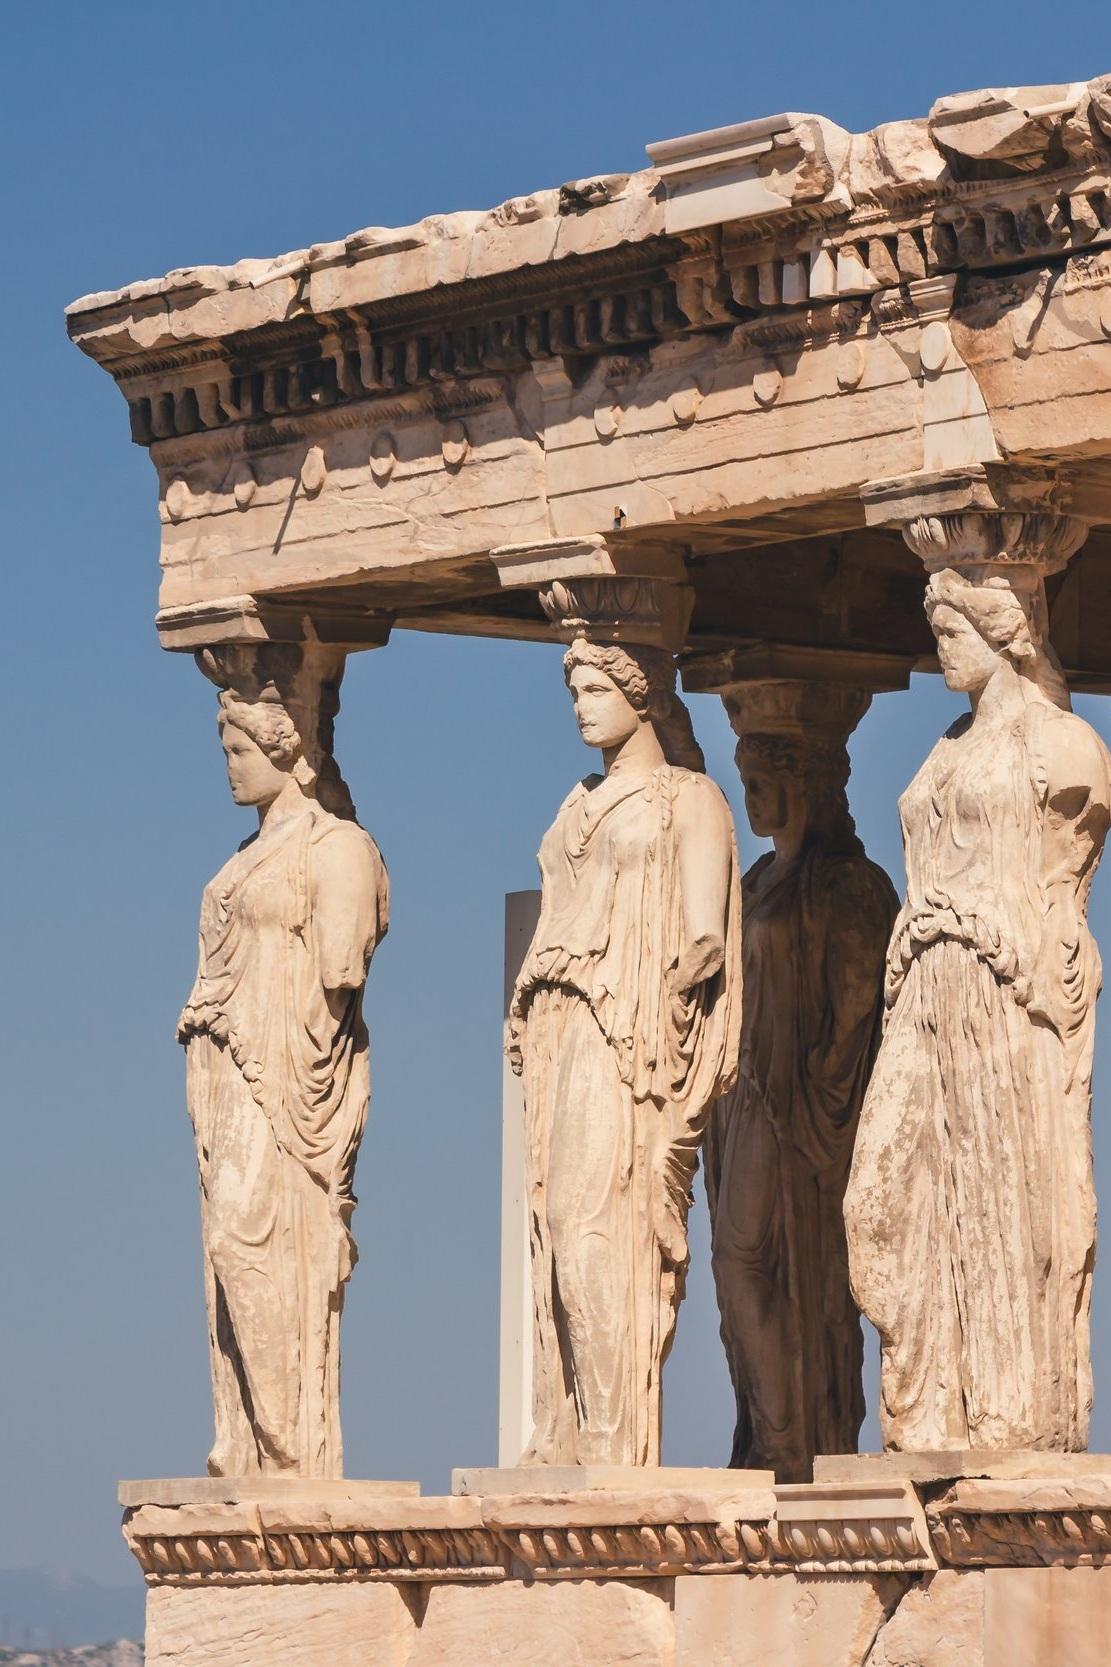 Temple of Athena Nike at Parthenon. Photo by  Luca Nicoletti  on  Unsplash